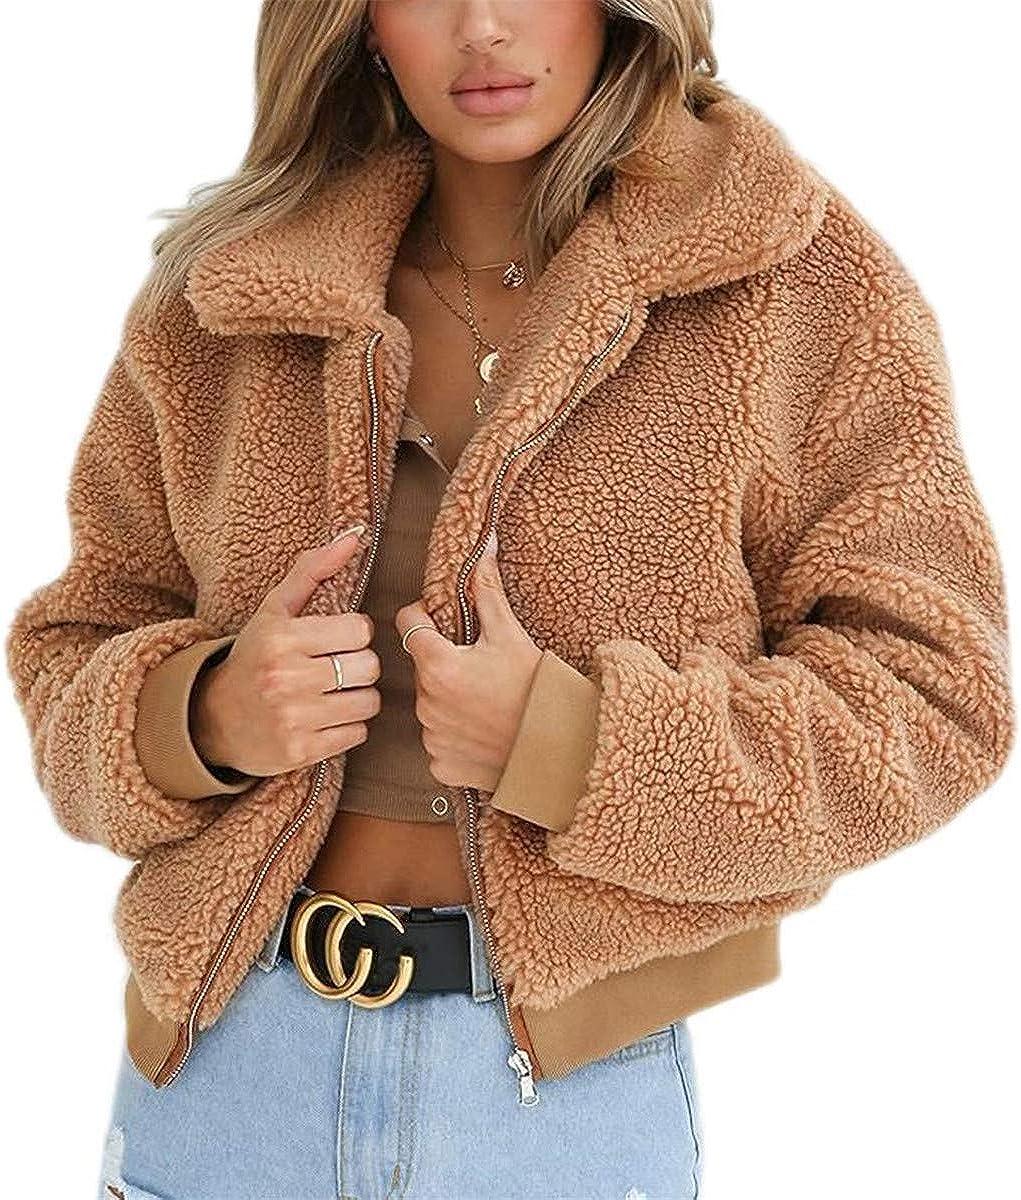 Women Casual Fuzzy Sherpa Coats Warm Fluffy Jacket with Fleece Lined Crop top Zipper Faux Jacket Outwear